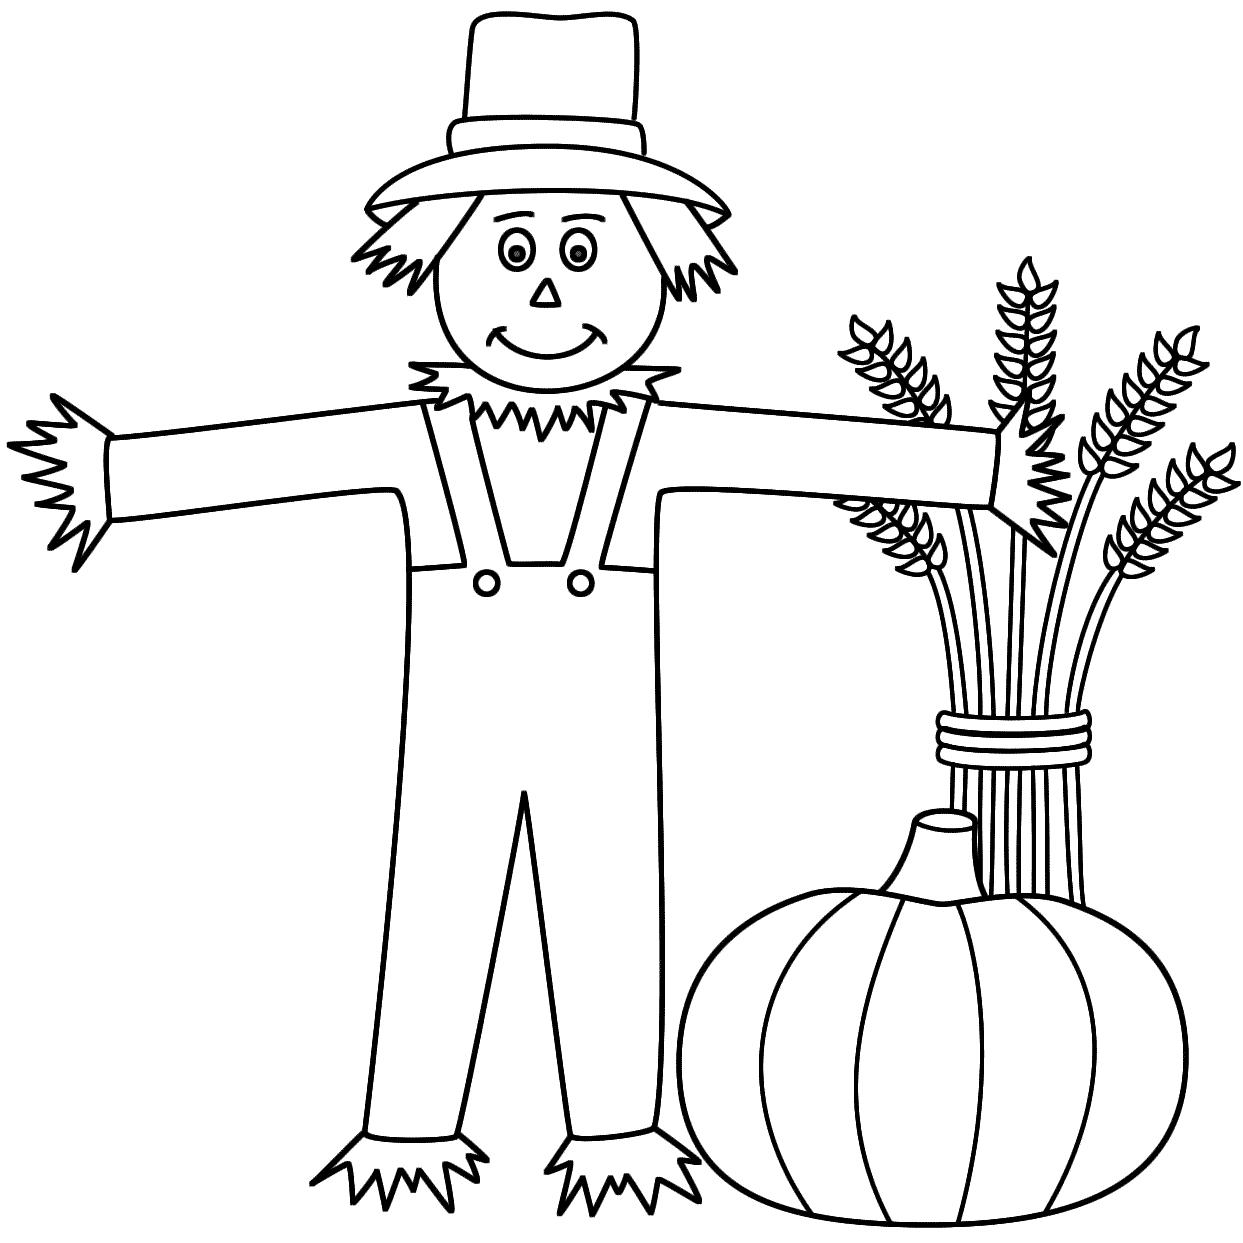 Desenho De Espantalho E Abóbora Para Colorir